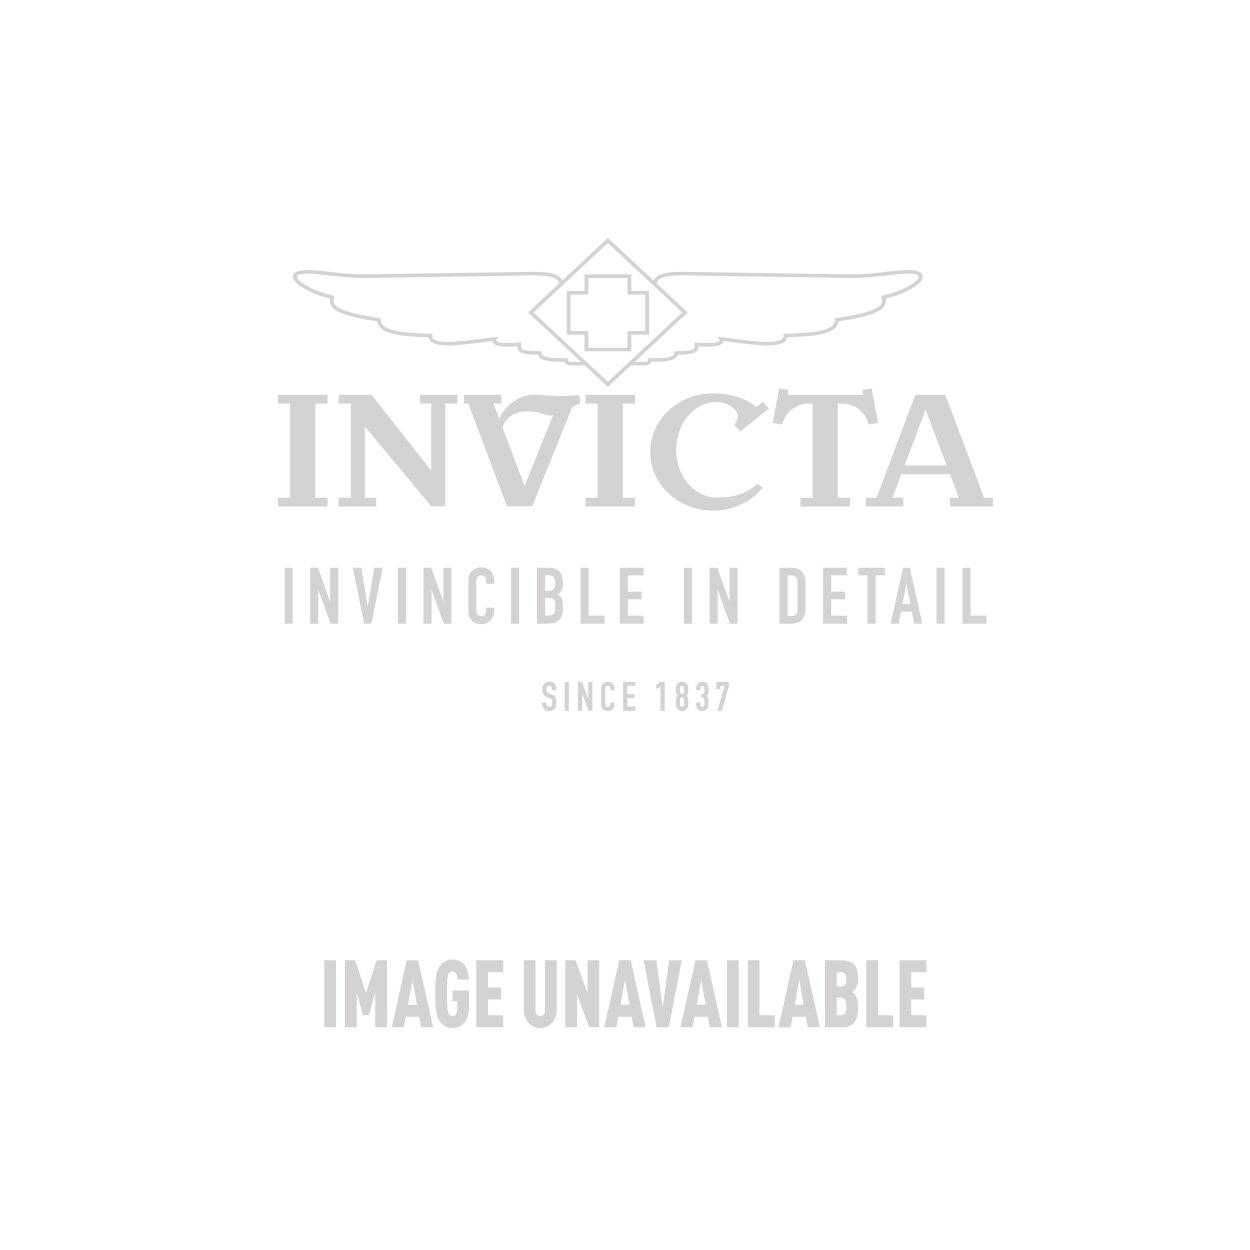 Invicta Model 24955